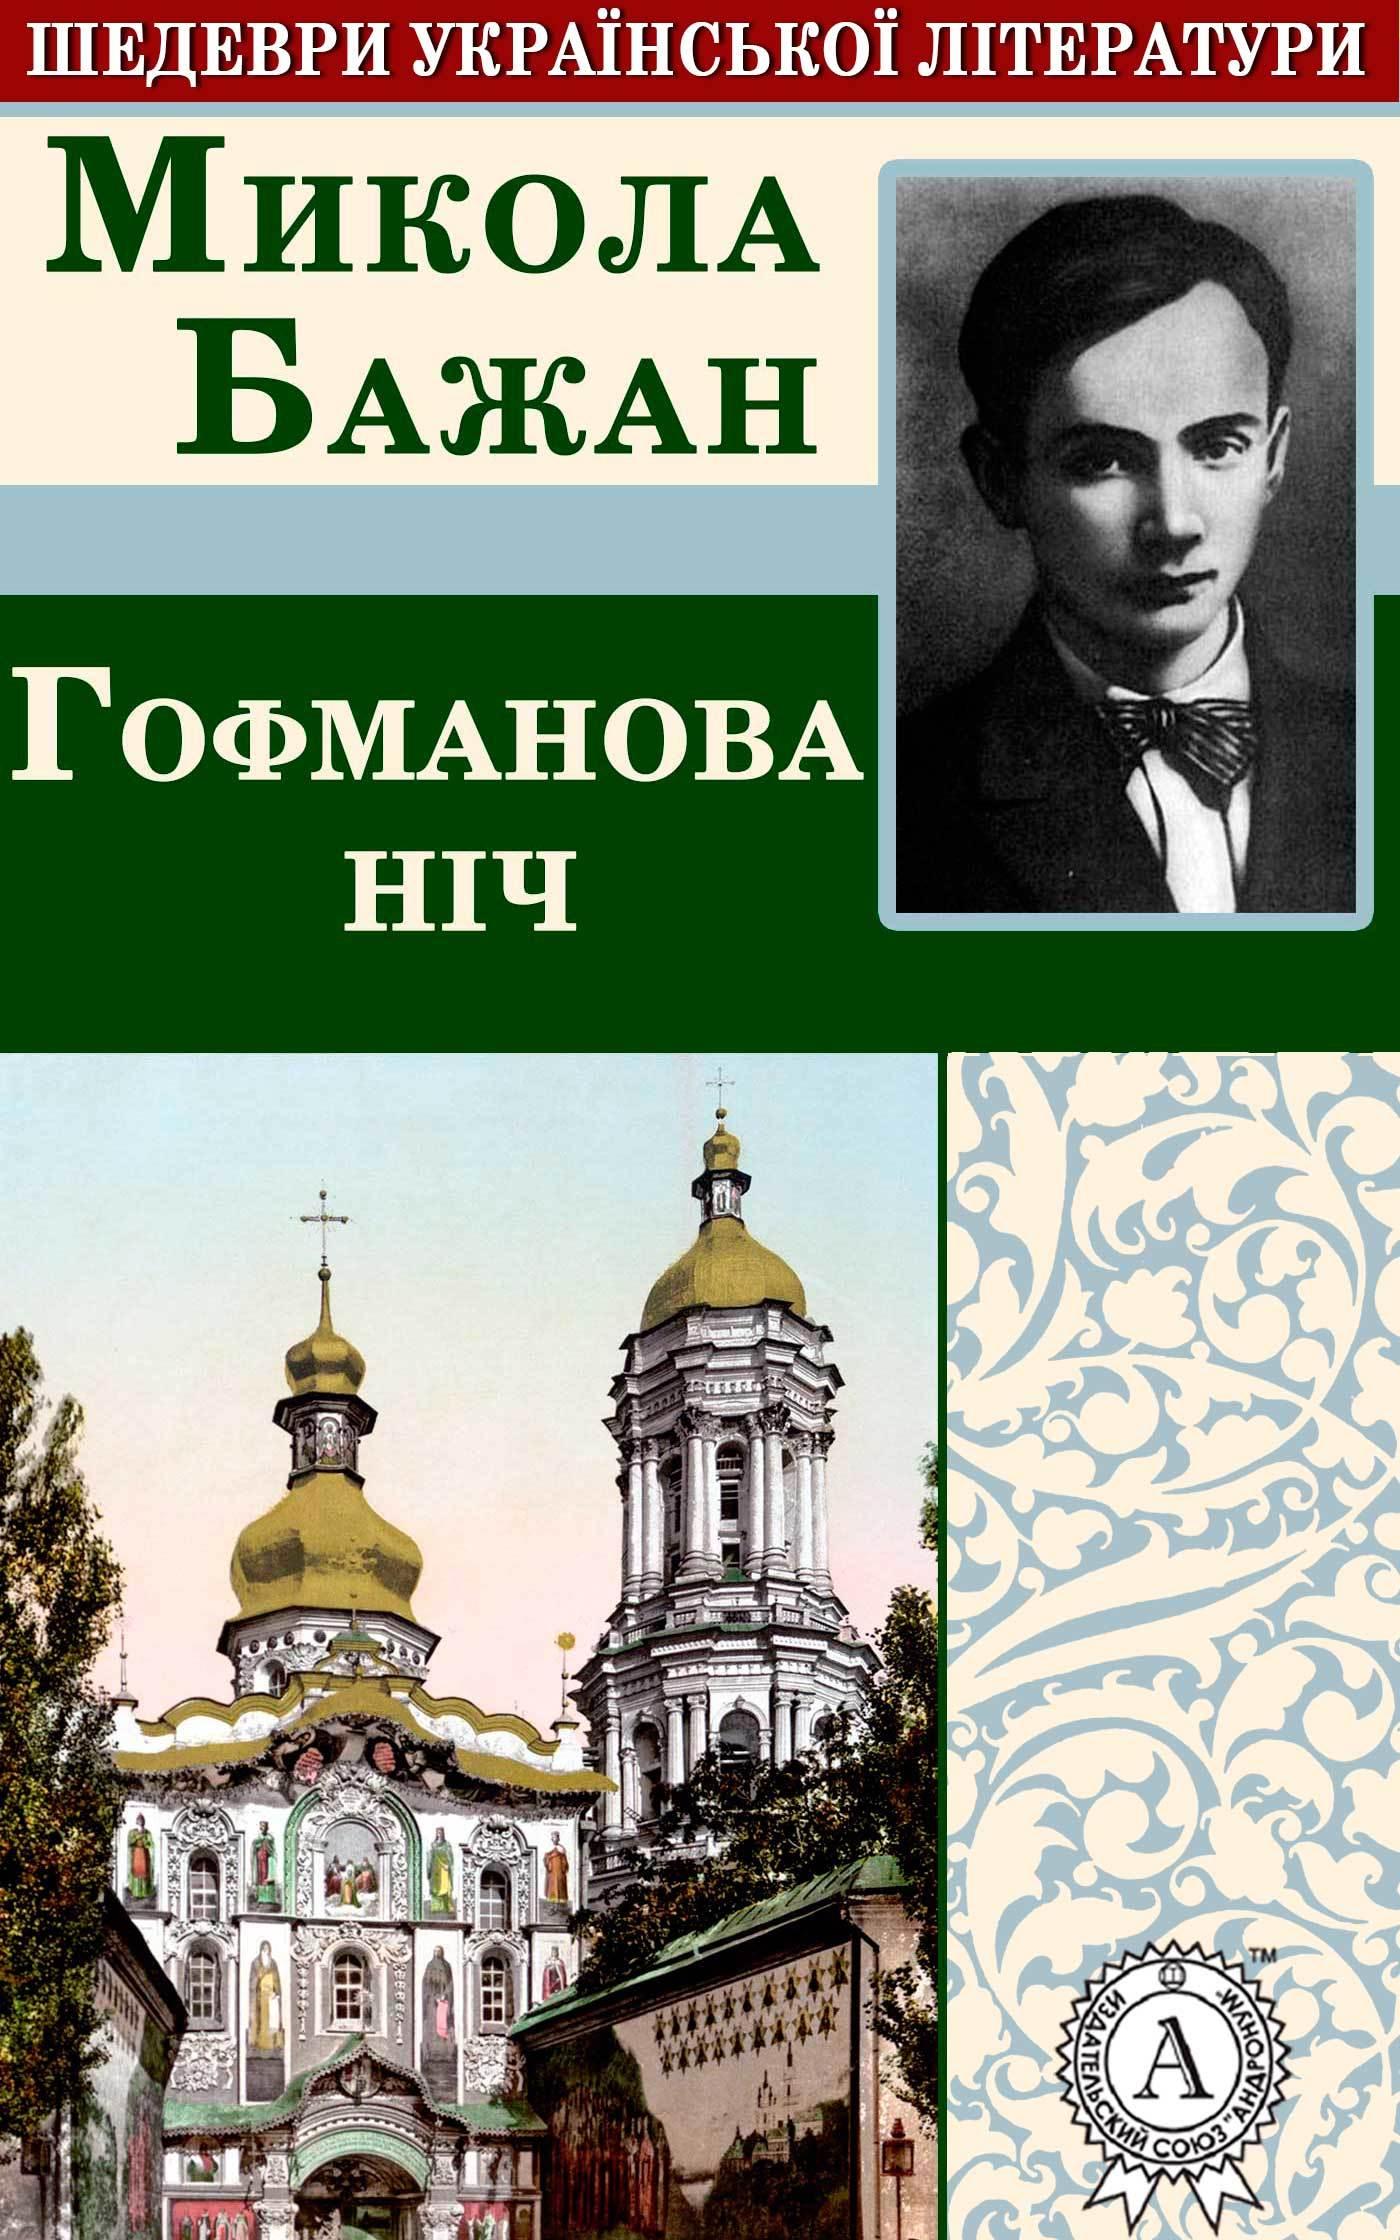 Микола Бажан Гофманова ніч микола бажан гофманова ніч page 7